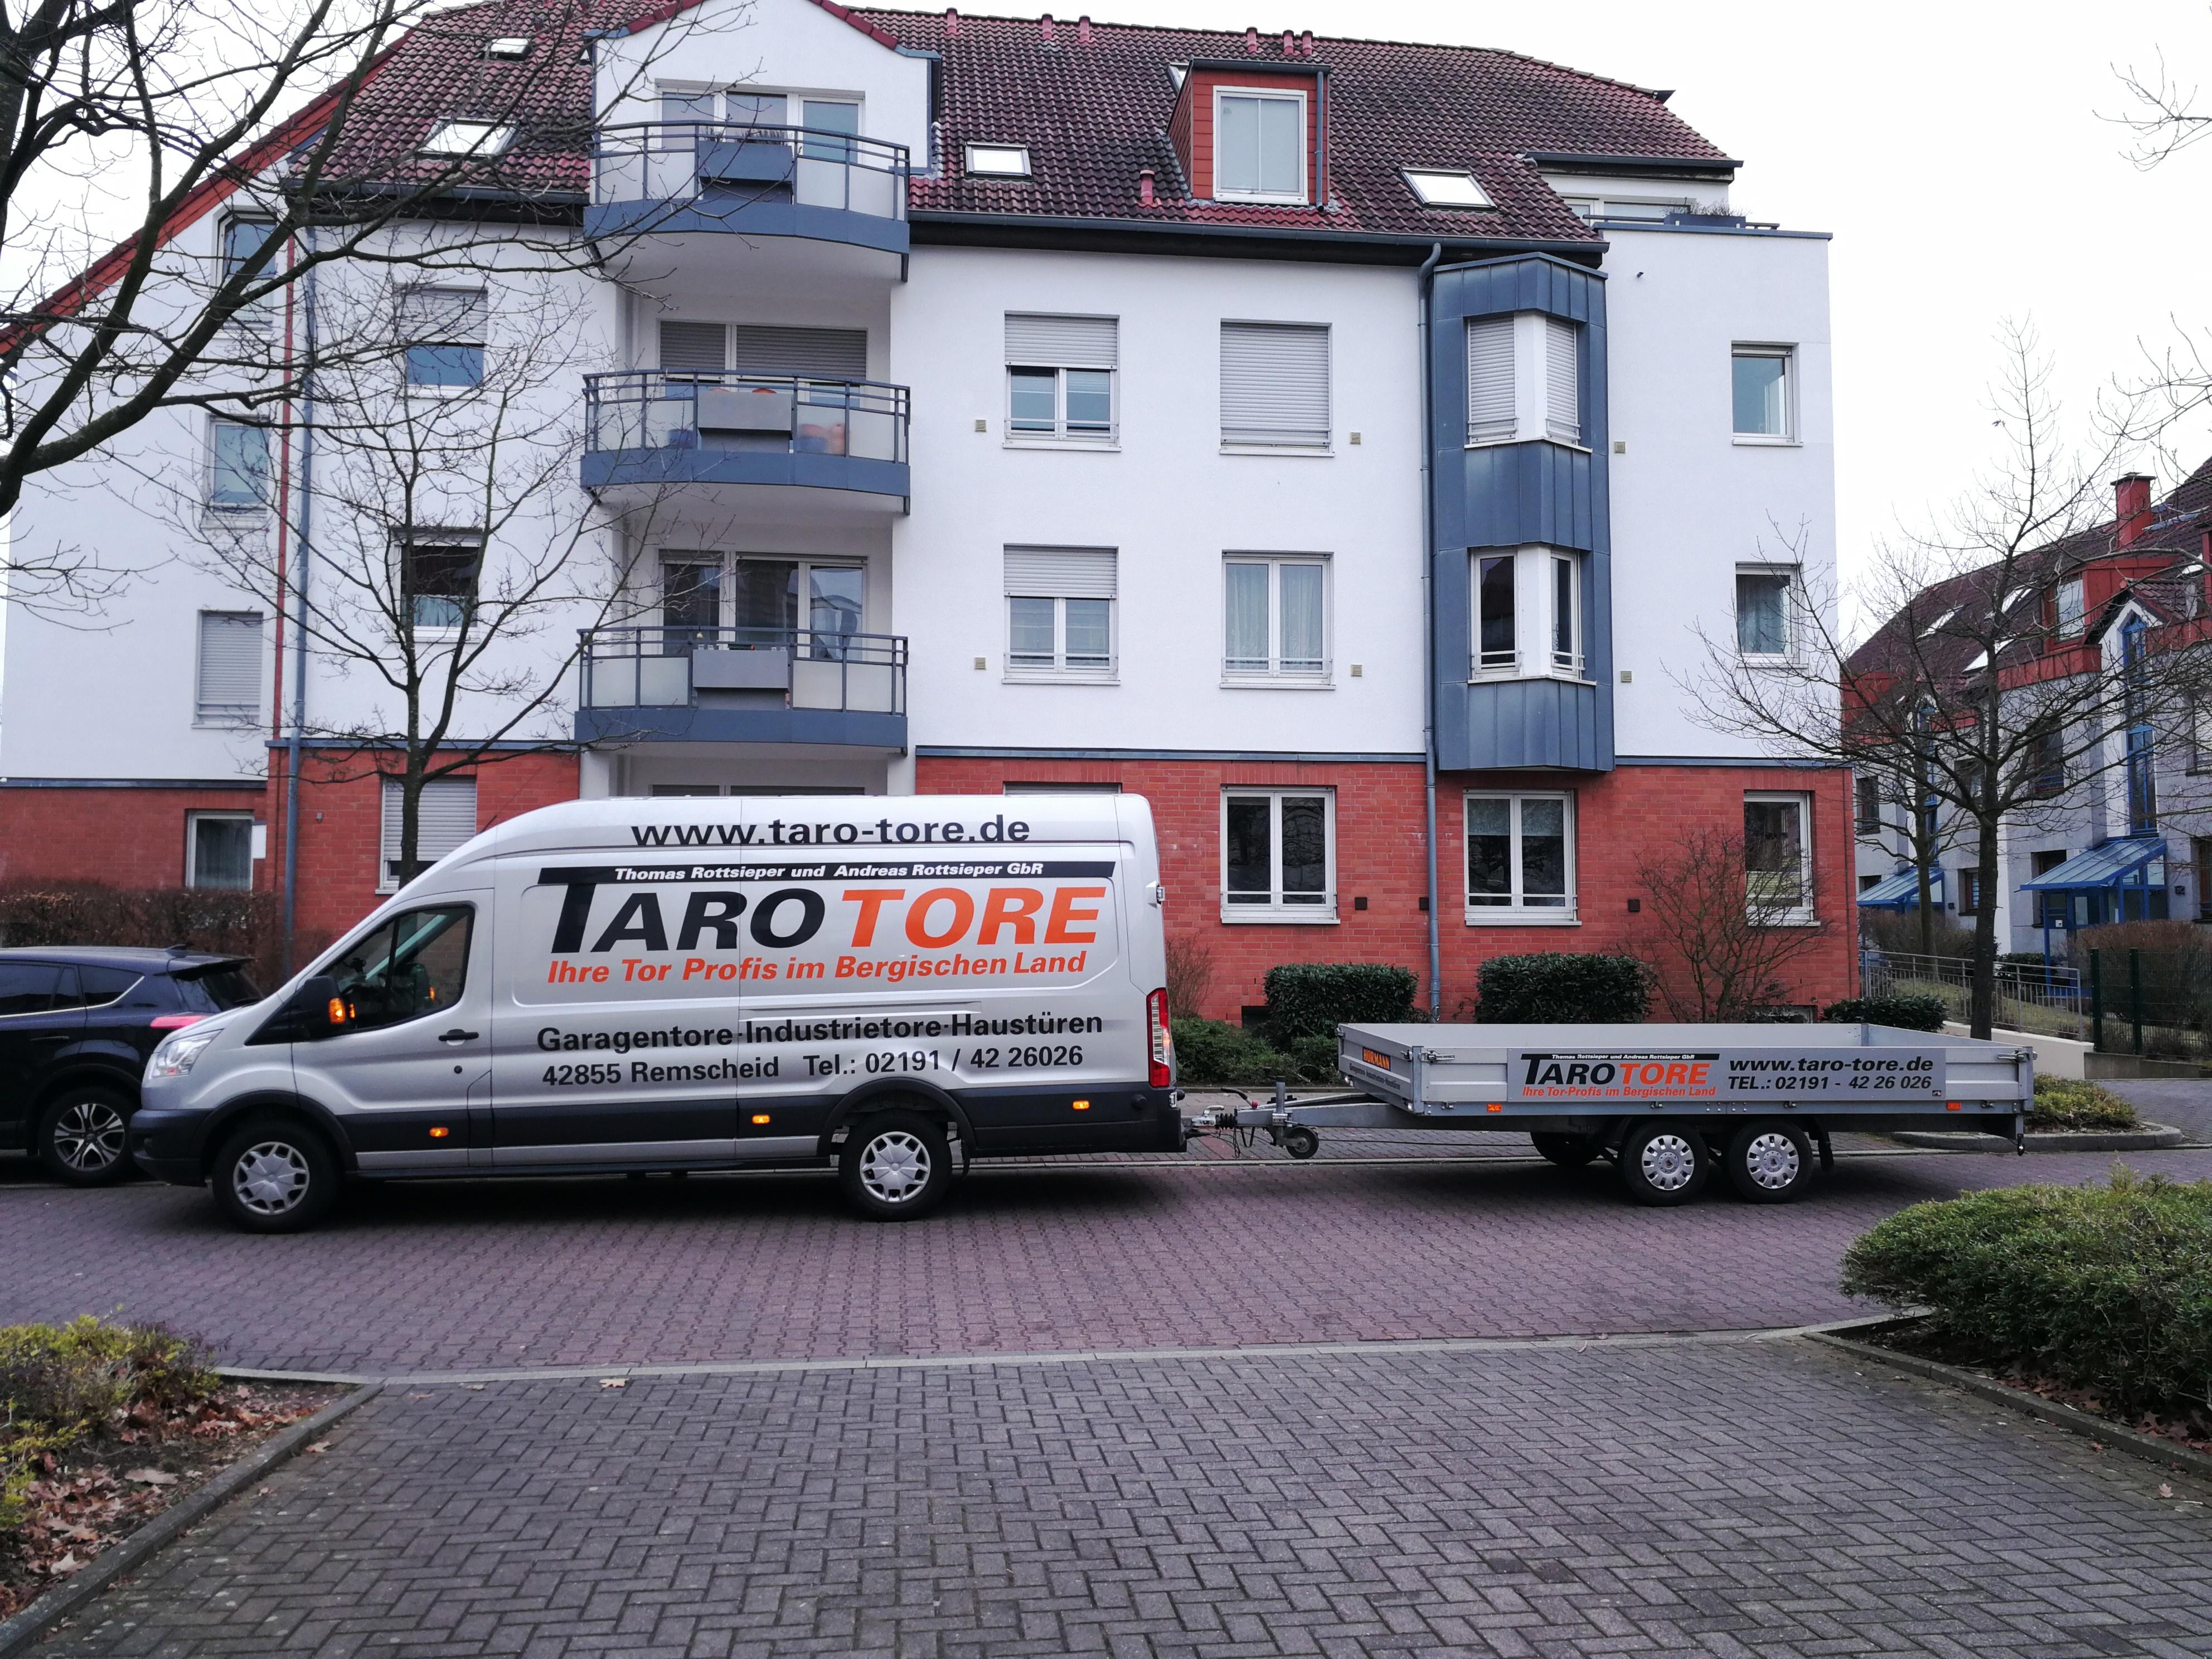 Garagentore Wuppertal über uns tarotore ihre tor profis im bergischen land